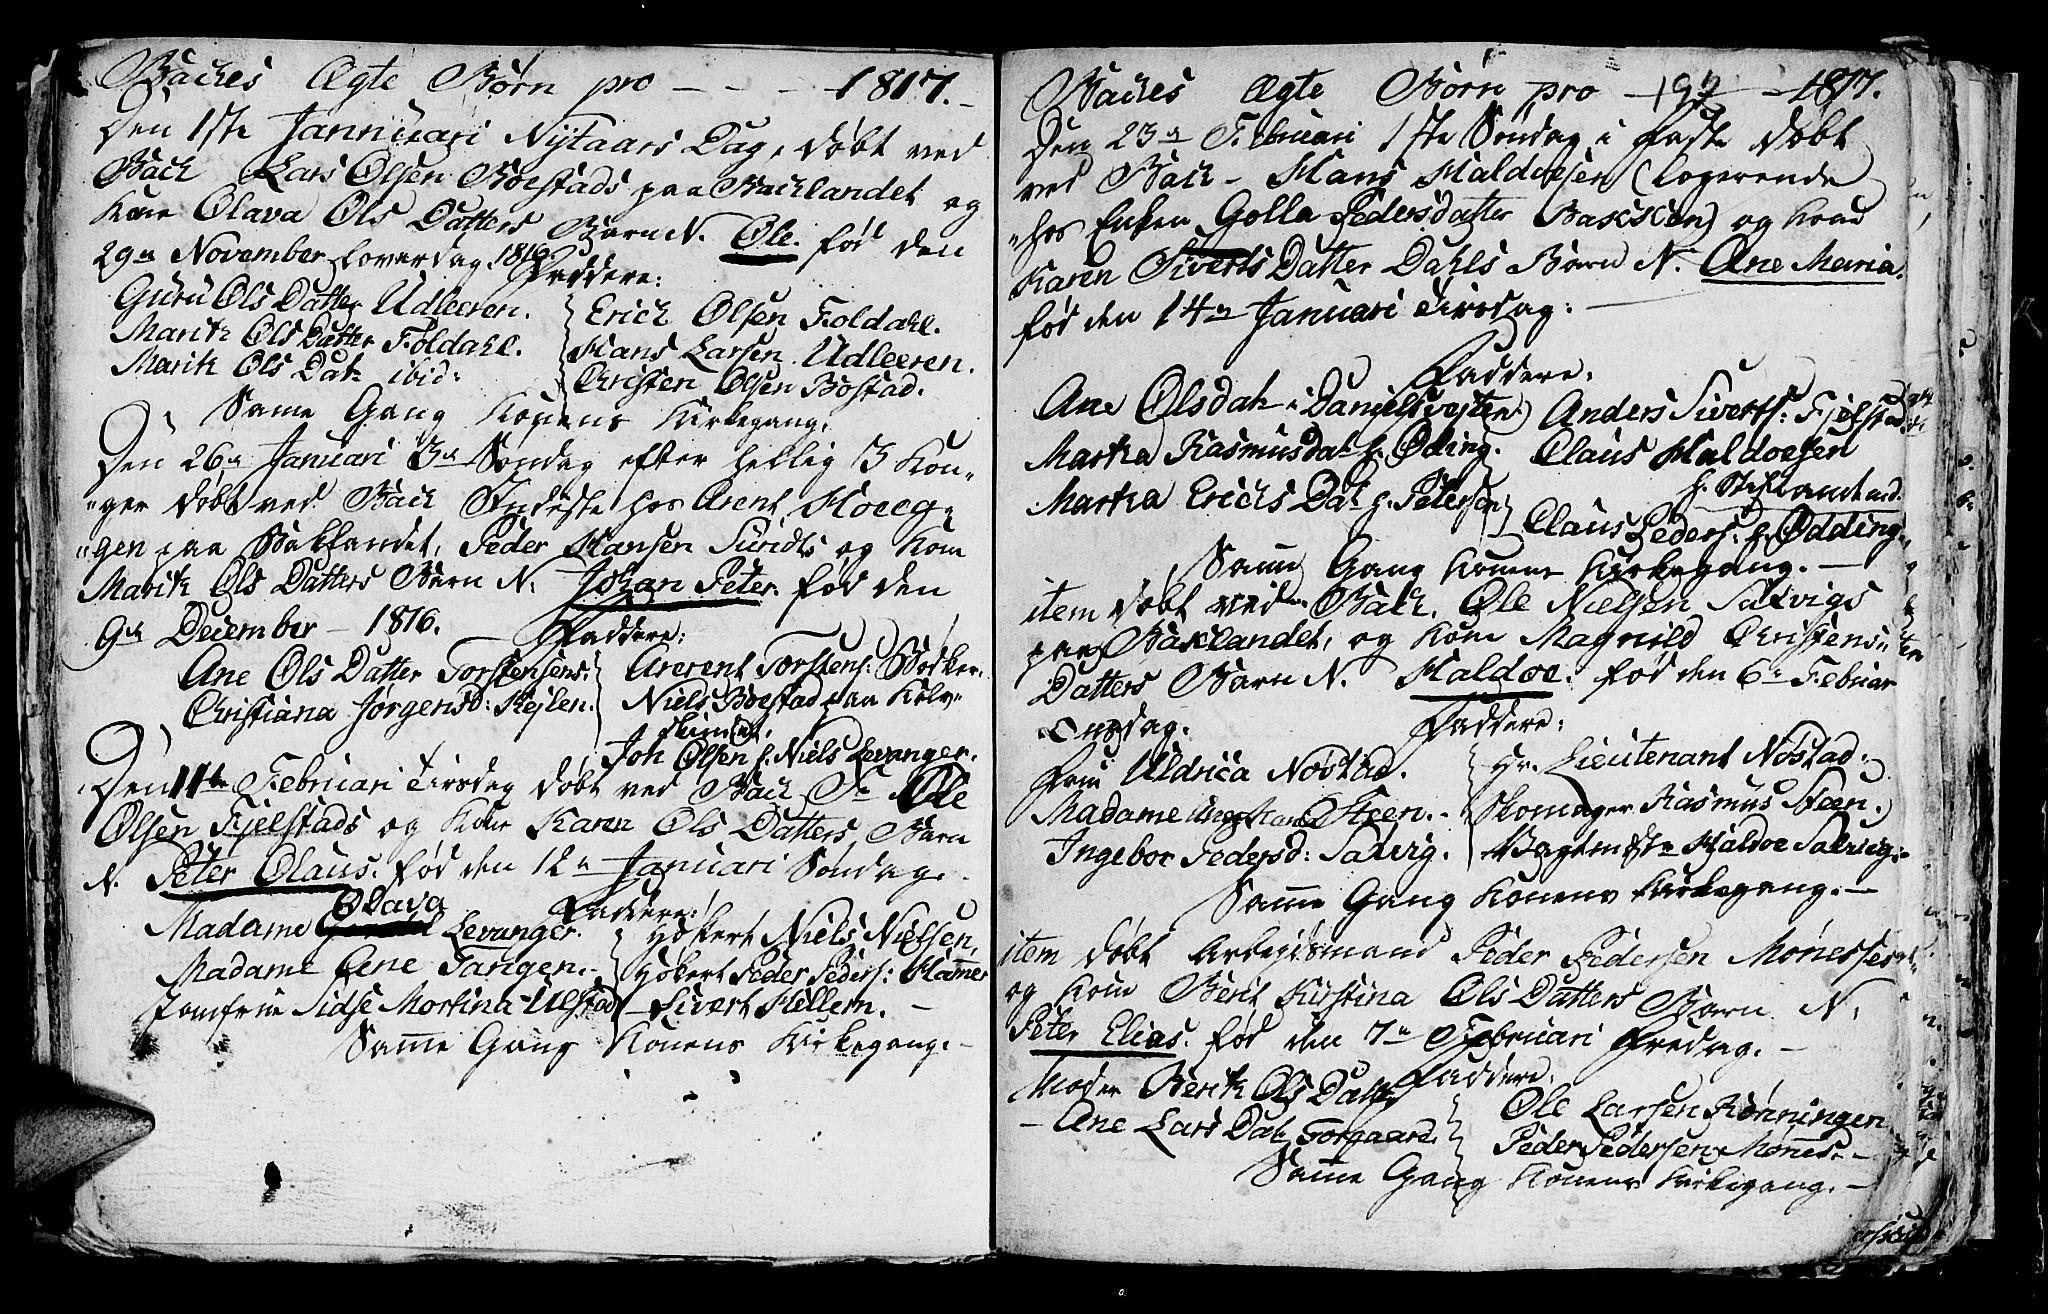 SAT, Ministerialprotokoller, klokkerbøker og fødselsregistre - Sør-Trøndelag, 604/L0218: Klokkerbok nr. 604C01, 1754-1819, s. 192